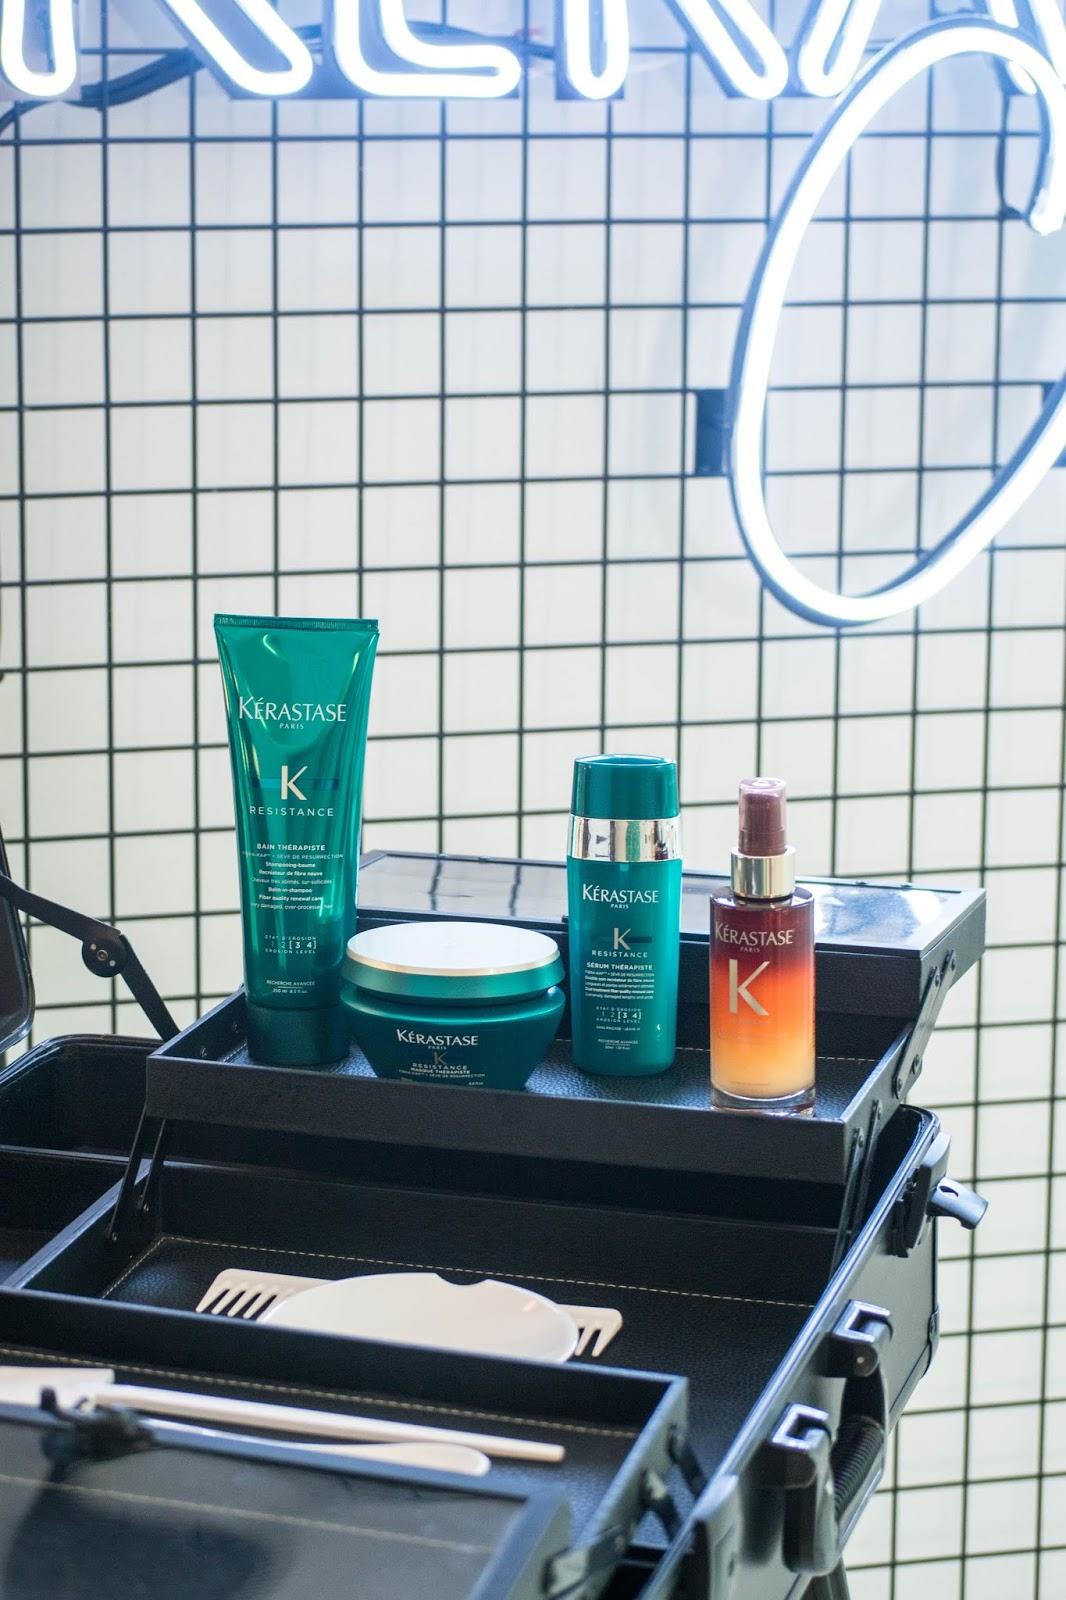 rotina kérastase para cabelos danificados loja do shampoo